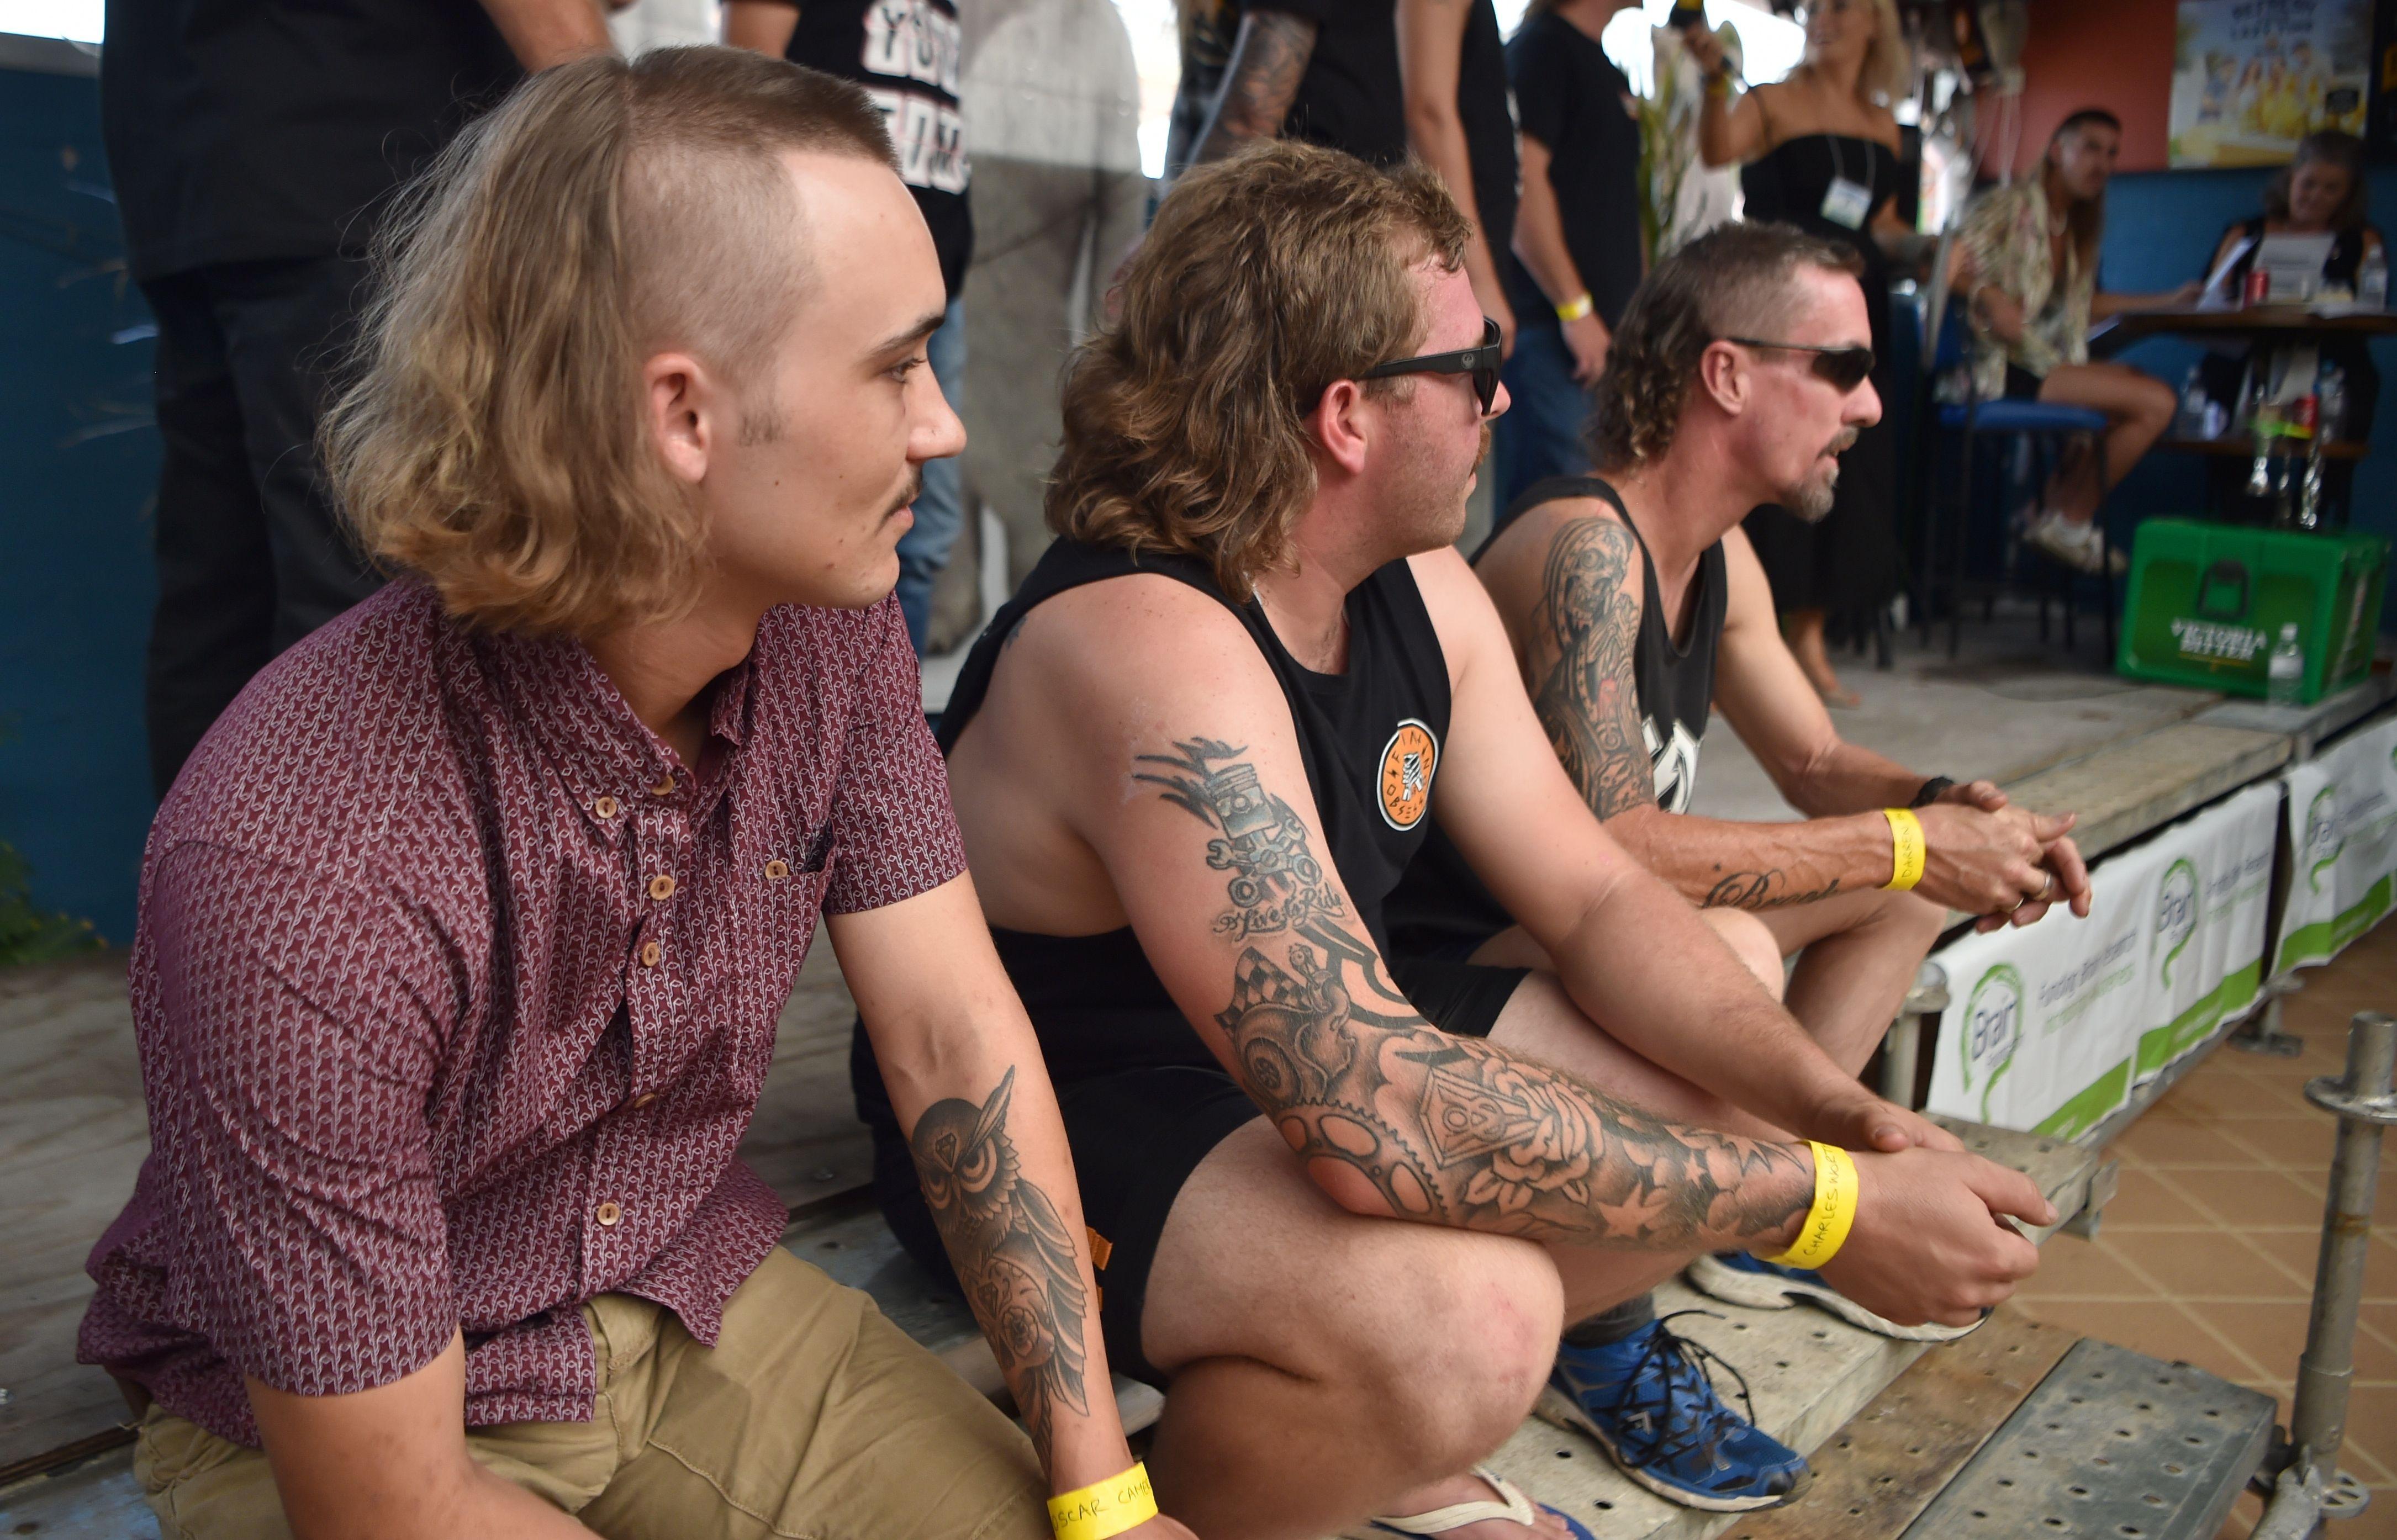 أخر كلام احلق شعرك من قدام انطلاق مهرجان الشعور فى أستراليا